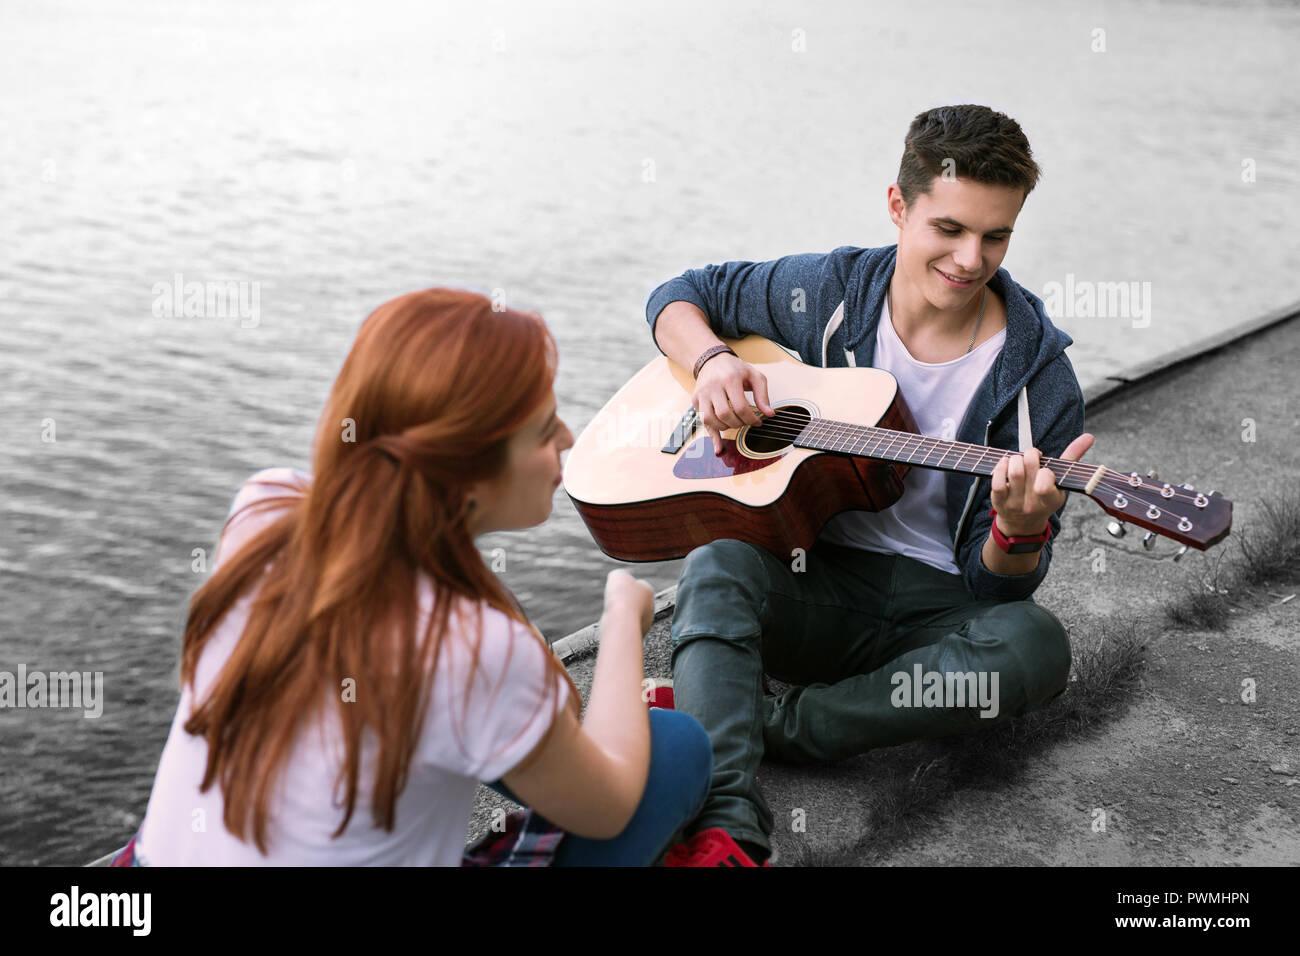 Beau petit ami romantique à jouer de la guitare pour sa petite amie assis près de river Photo Stock